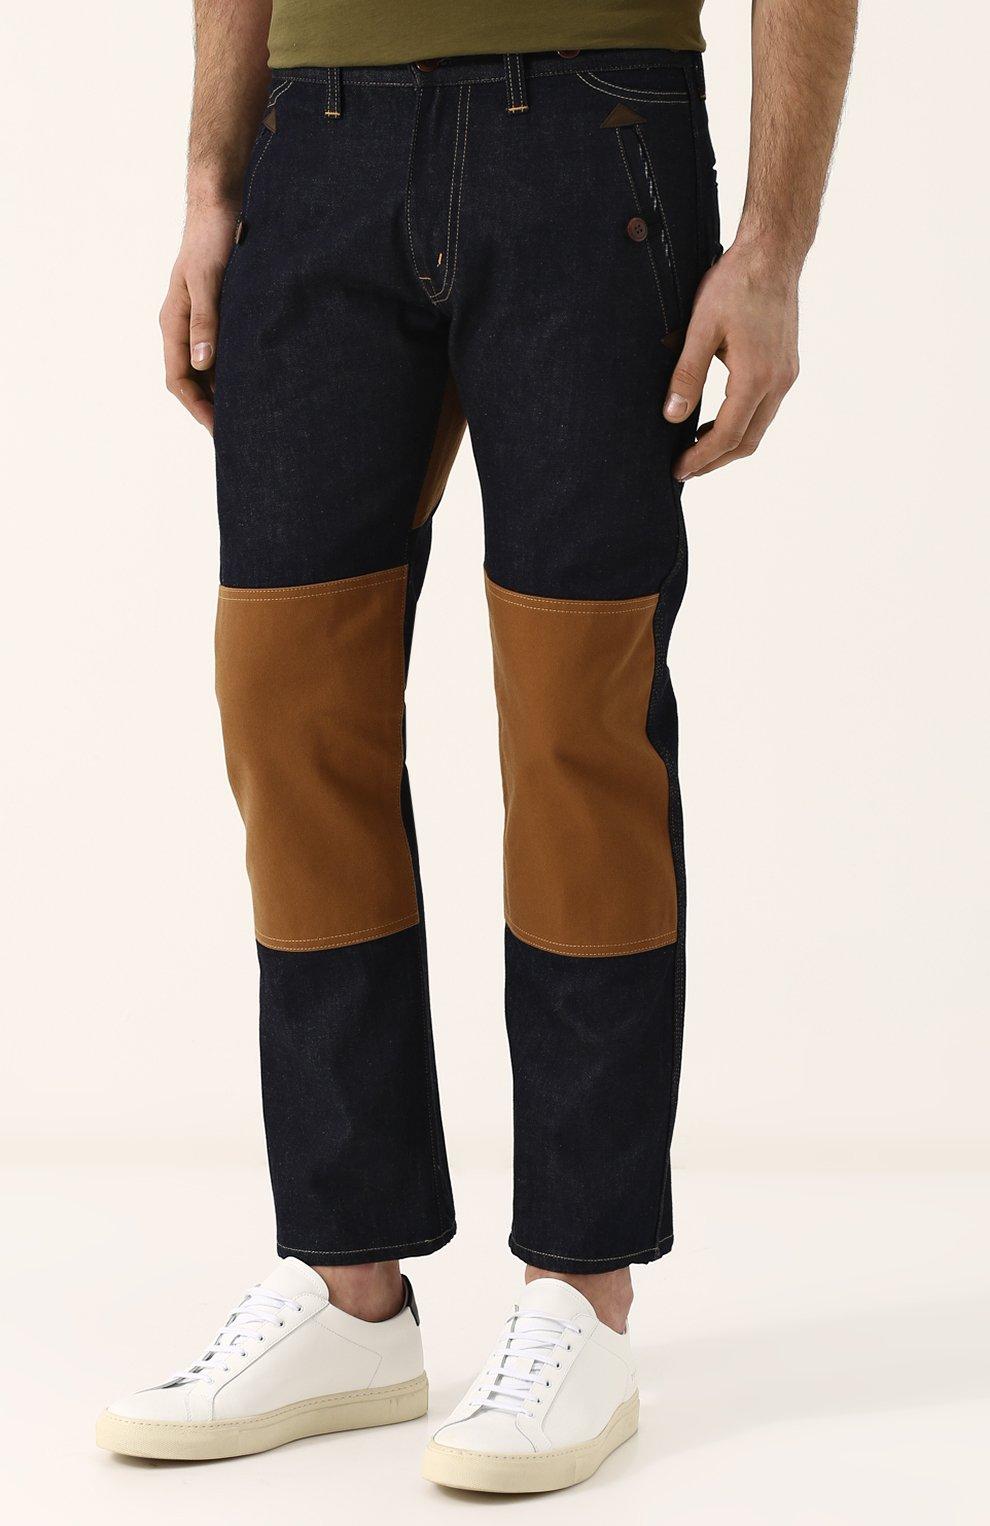 Мужские джинсы прямого кроя с отделкой junya watanabe x levi's JUNYA WATANABE синего цвета, арт. WA-P209-051 | Фото 3